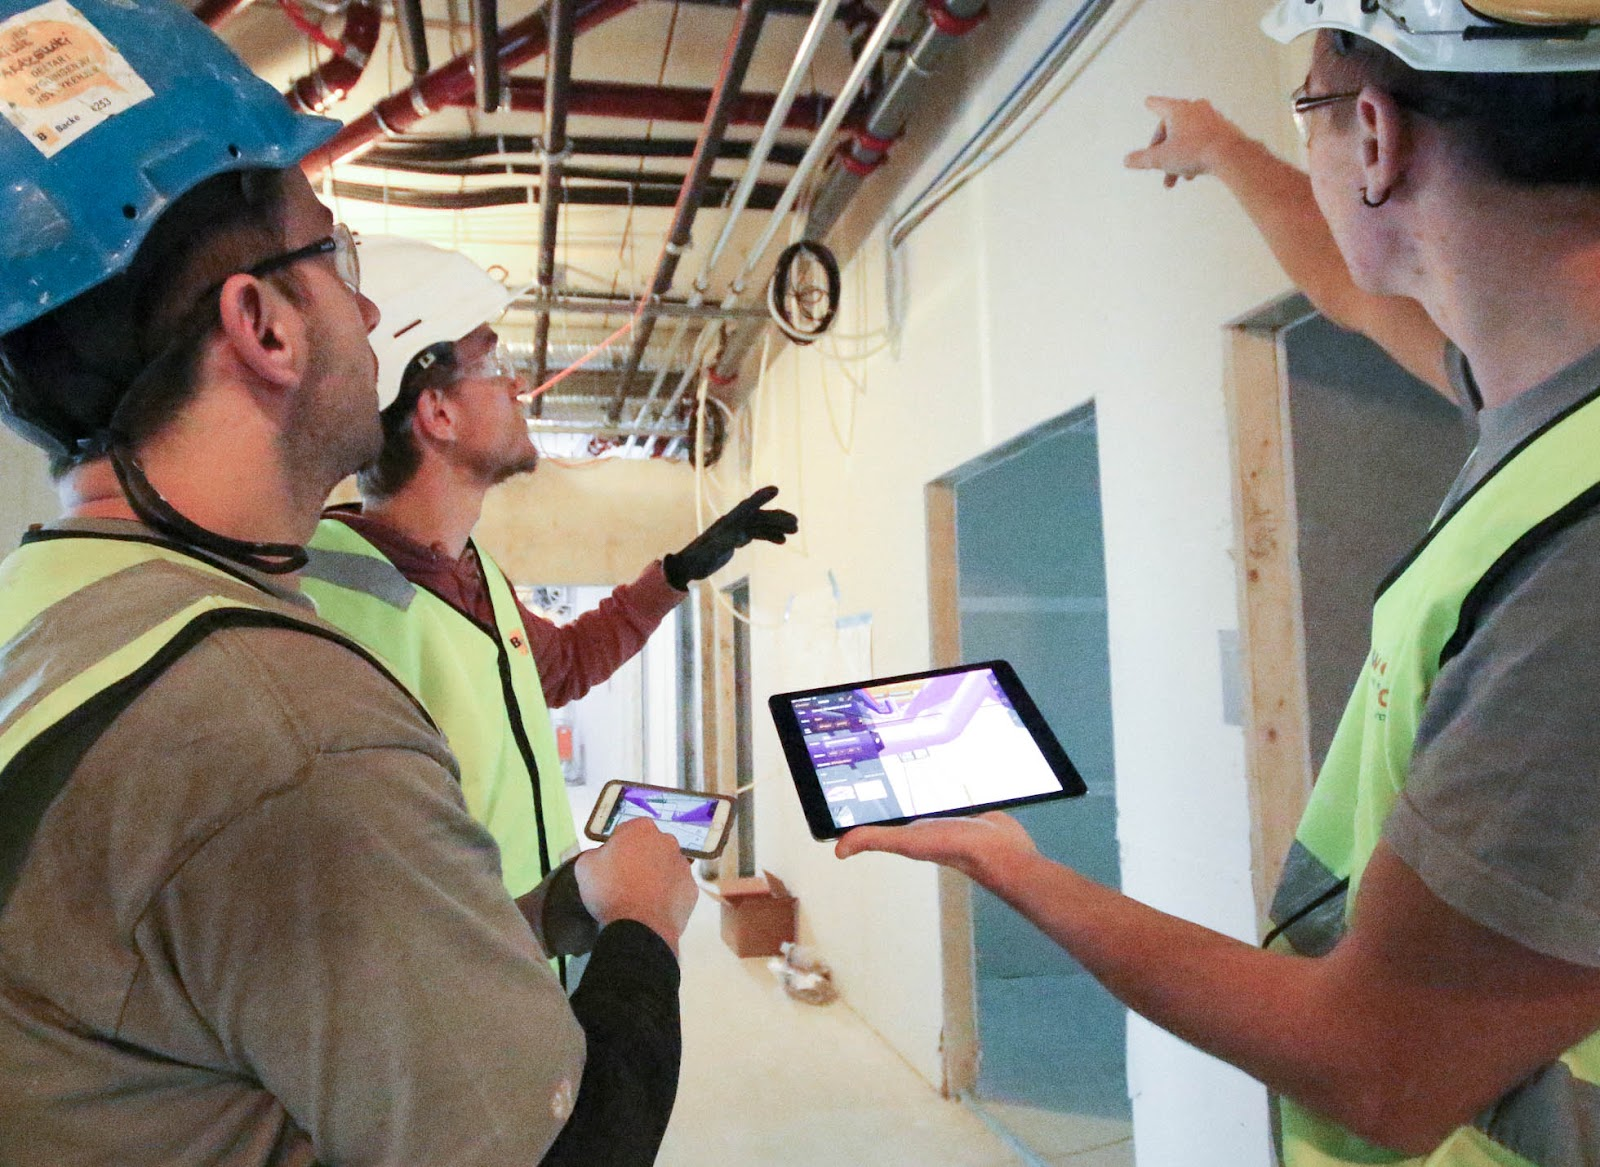 Menn på en byggeplass som bruker StreamBIM, BIM-programvare